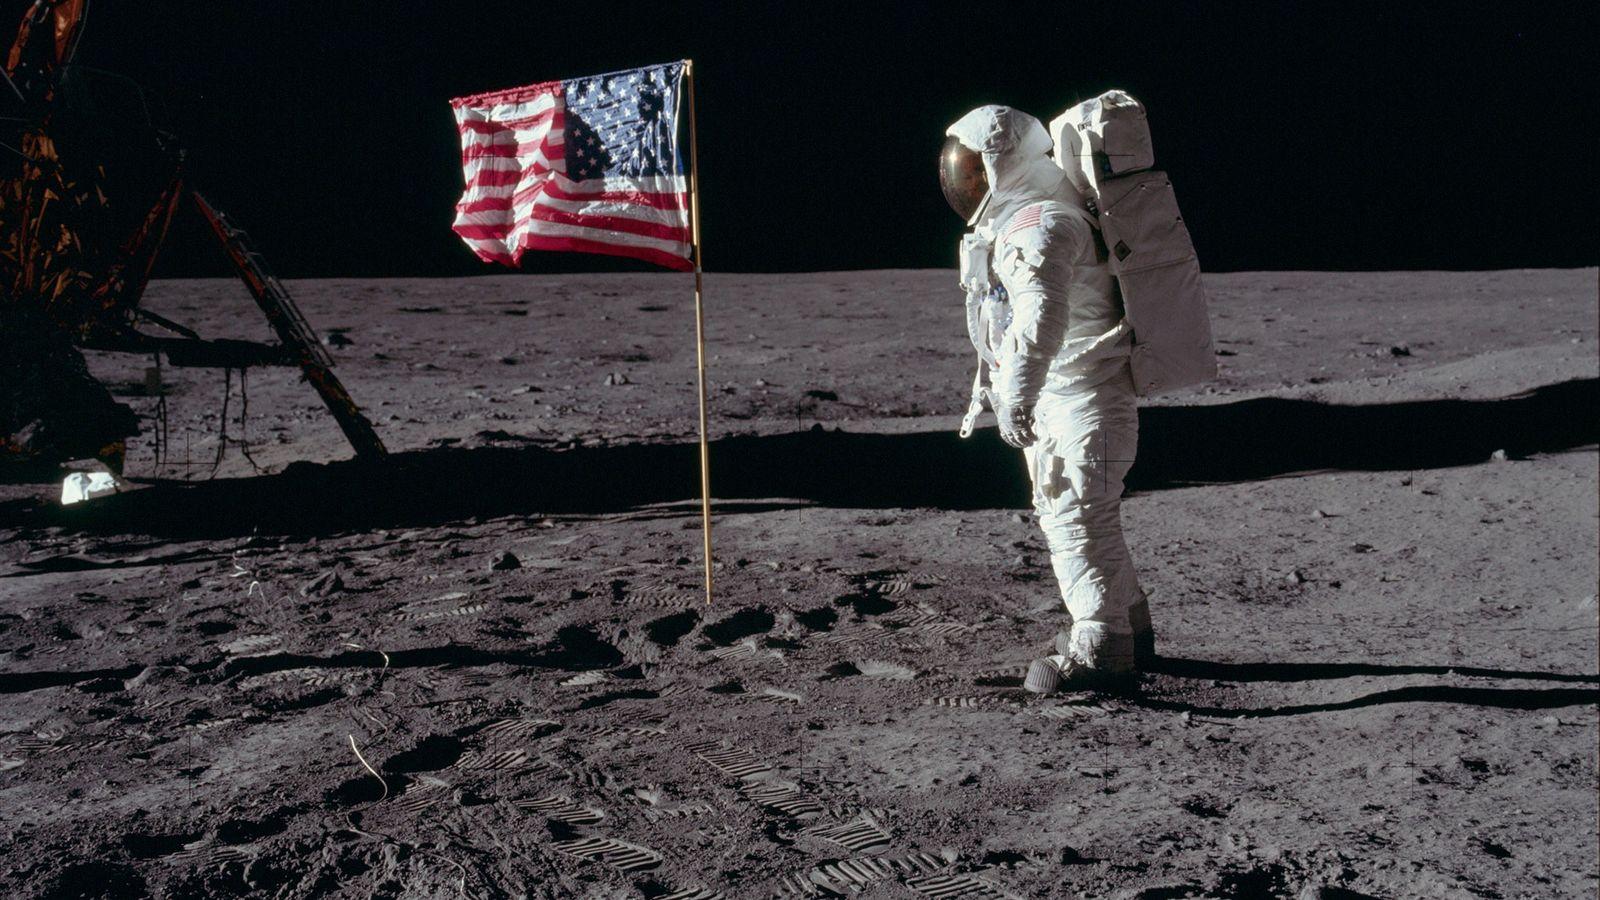 Nuestras fotos favoritas de las misiones Apolo